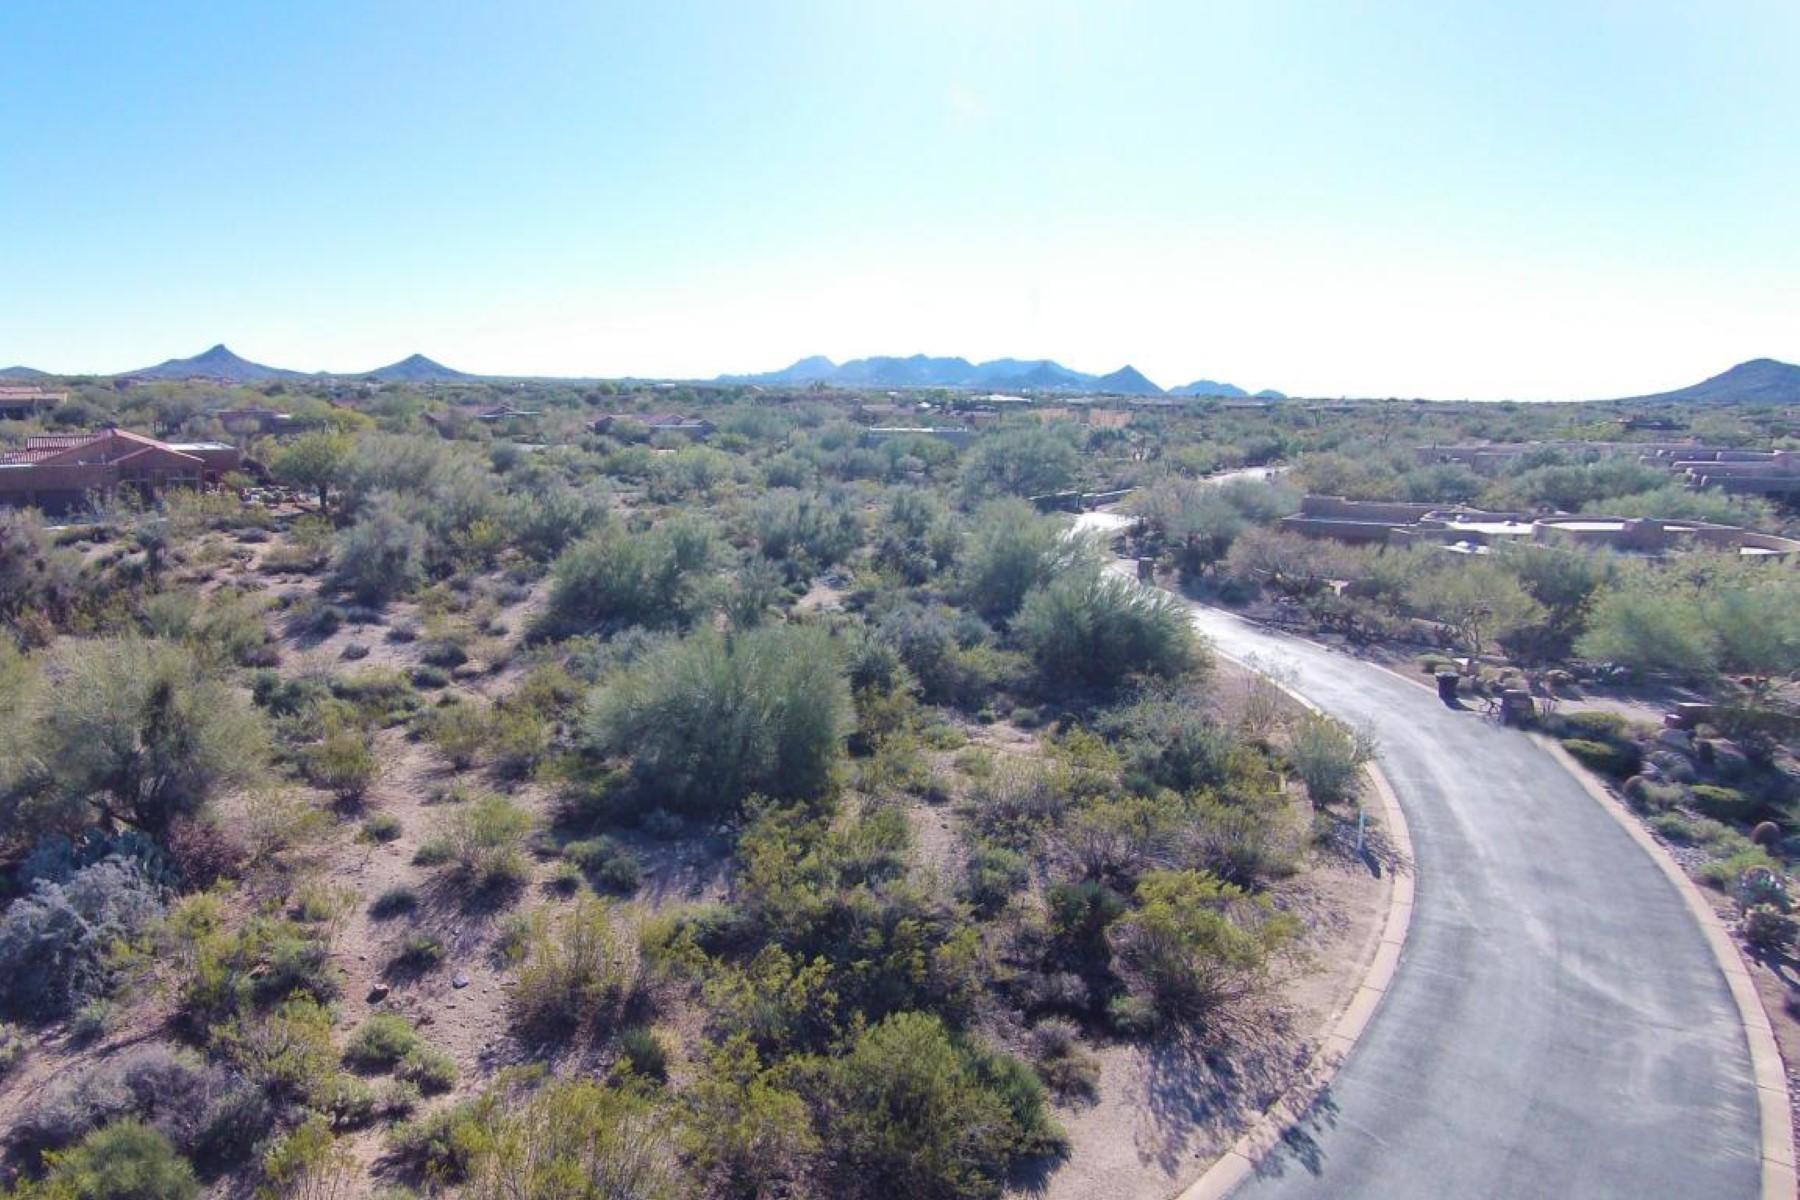 Einfamilienhaus für Verkauf beim One of a kind home in the Boulders 34745 N 79Th Way Scottsdale, Arizona, 85266 Vereinigte Staaten